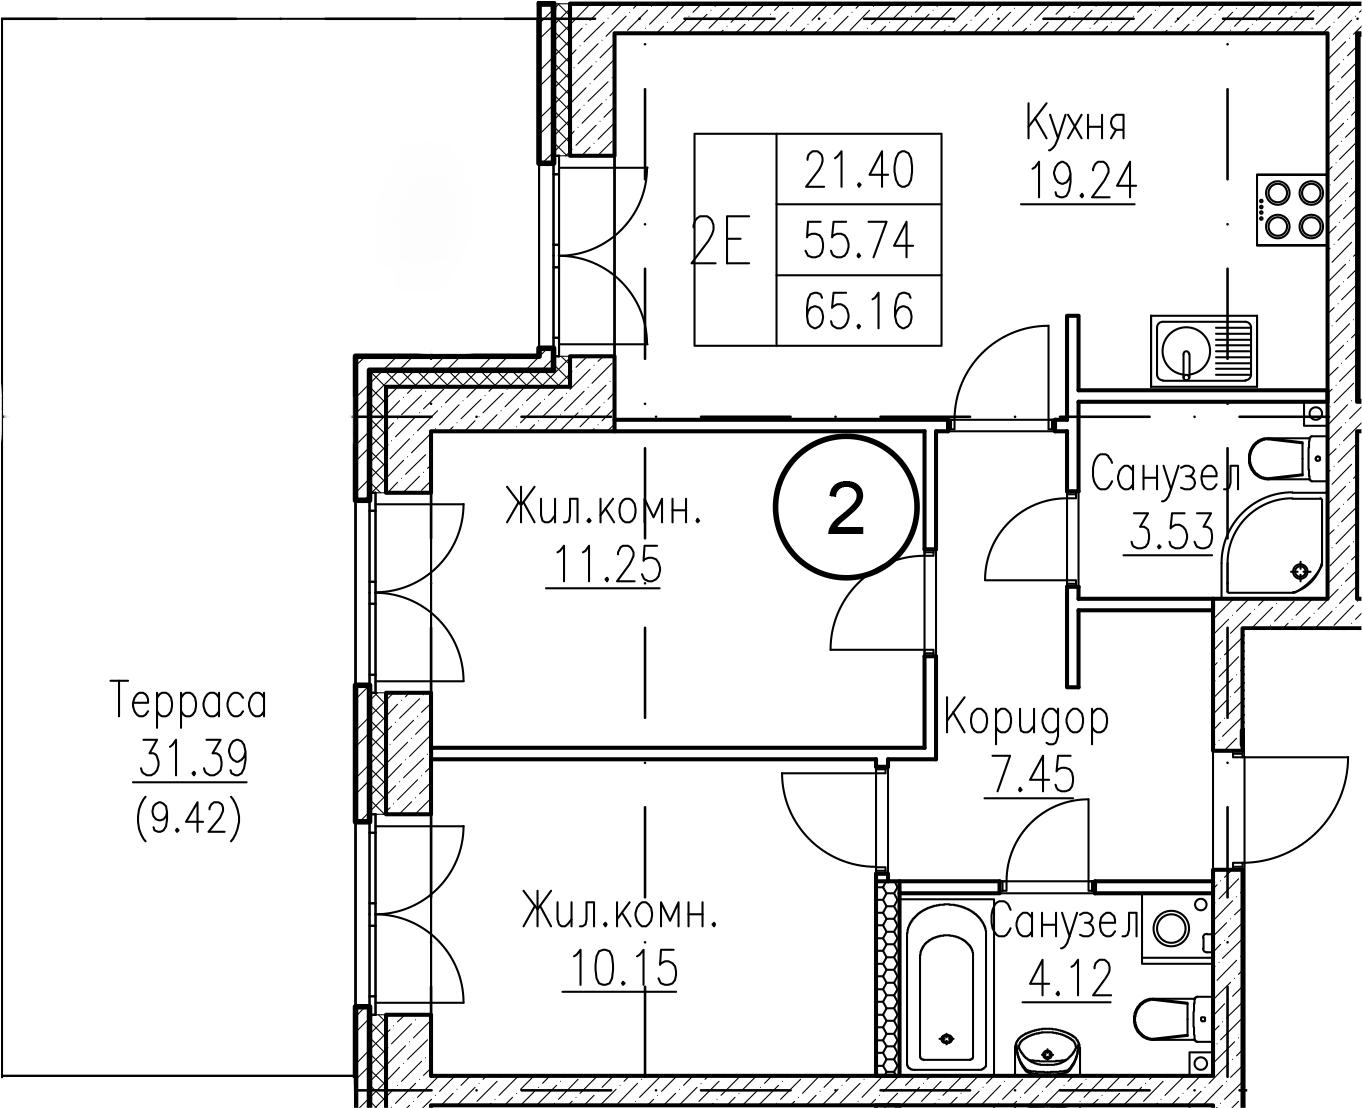 2-к.кв, 87.14 м²